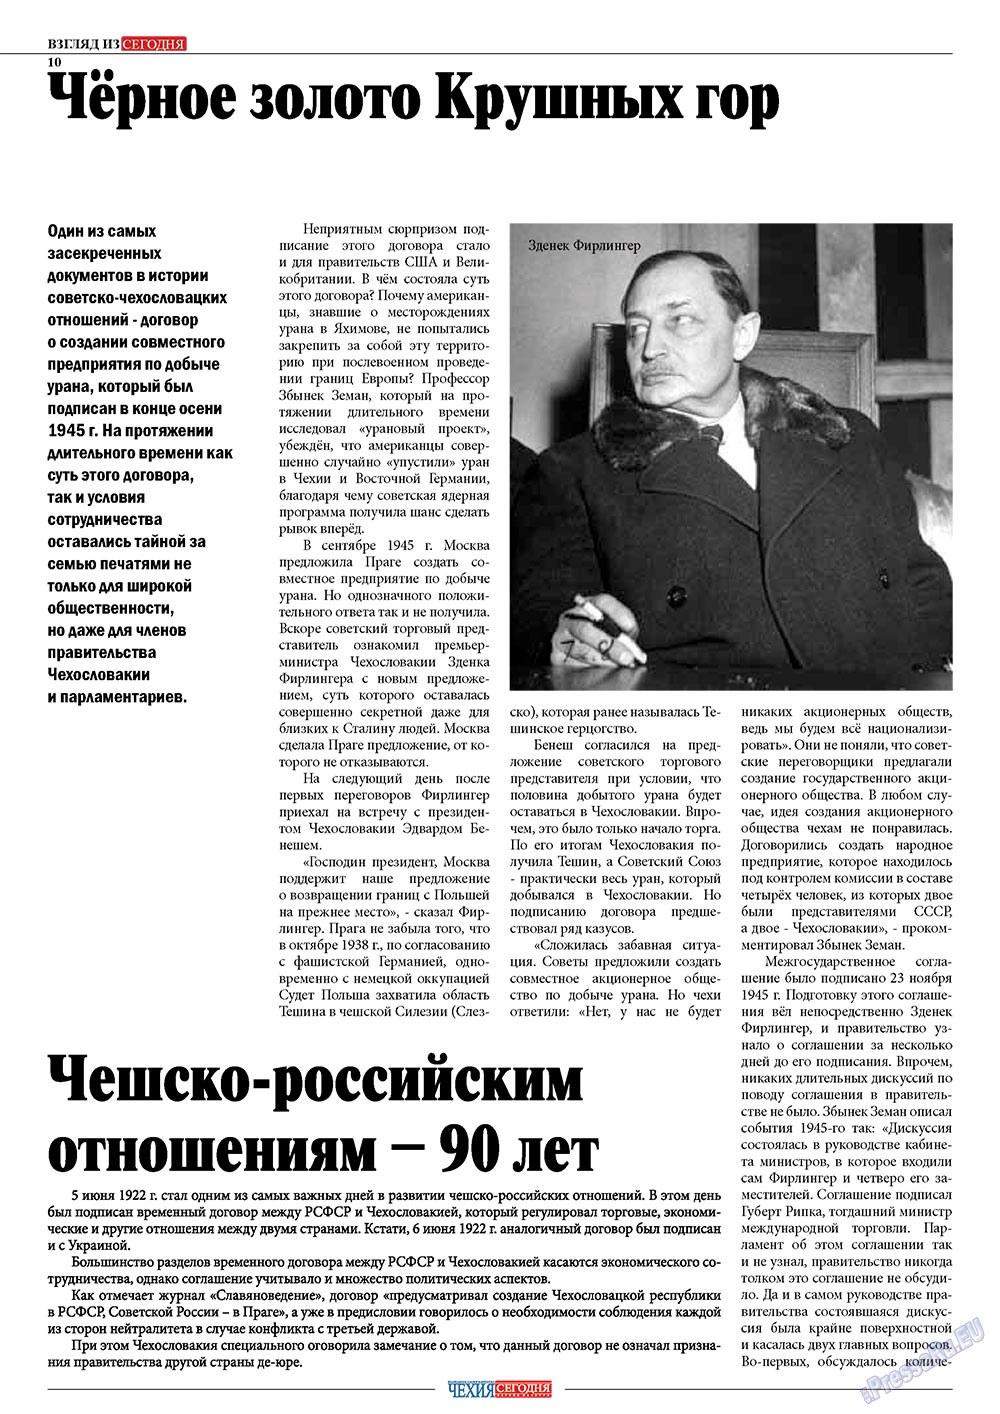 Чехия сегодня (журнал). 2012 год, номер 169, стр. 10